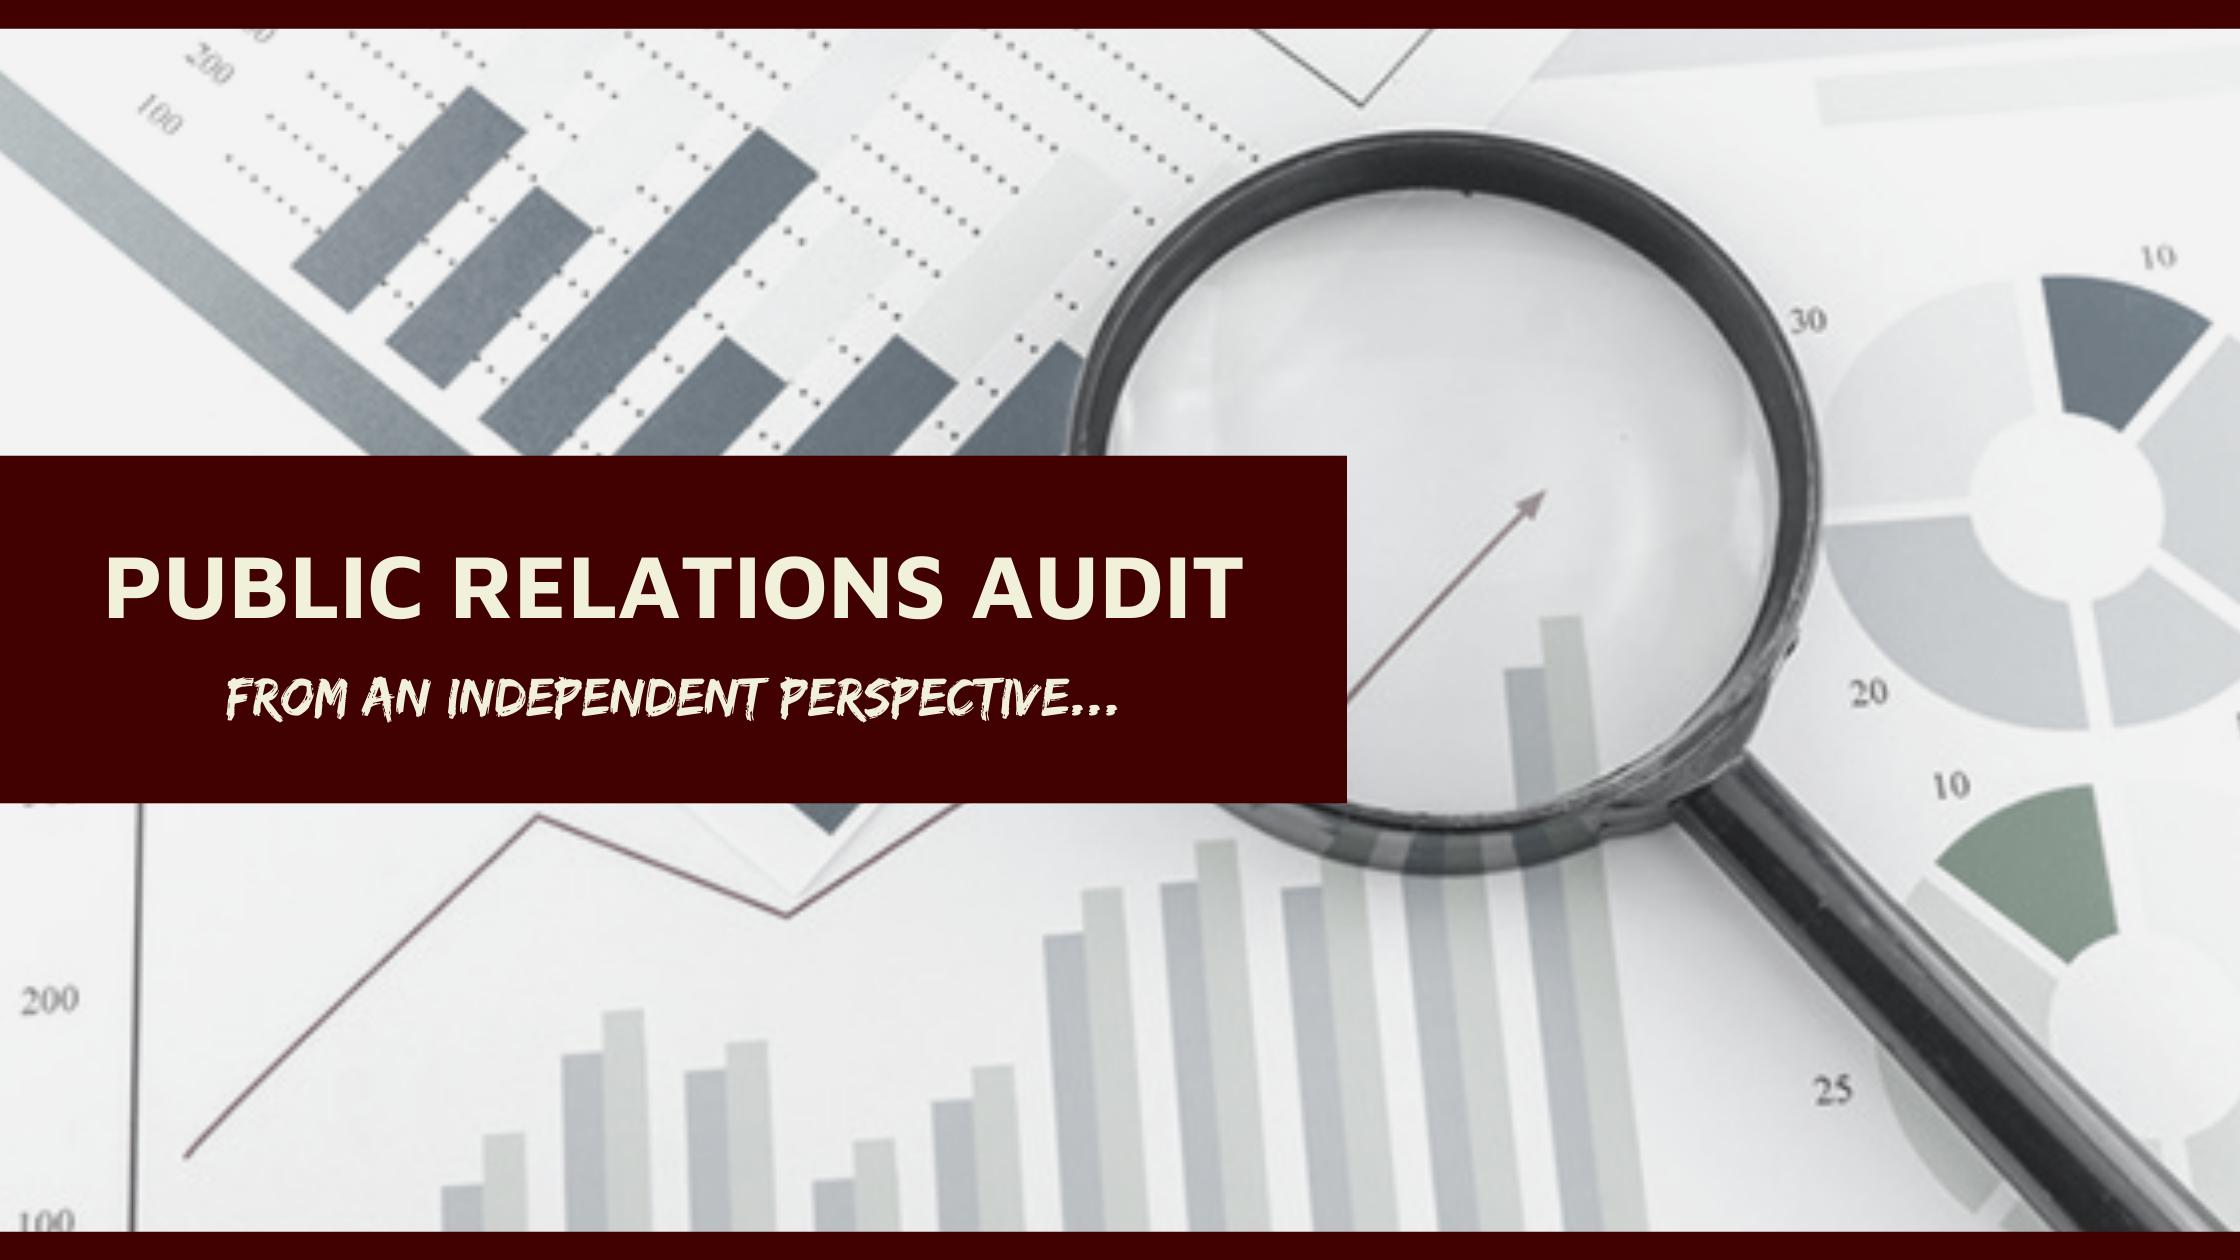 P+ Measurement Services reforms its PR Audit Agency report.